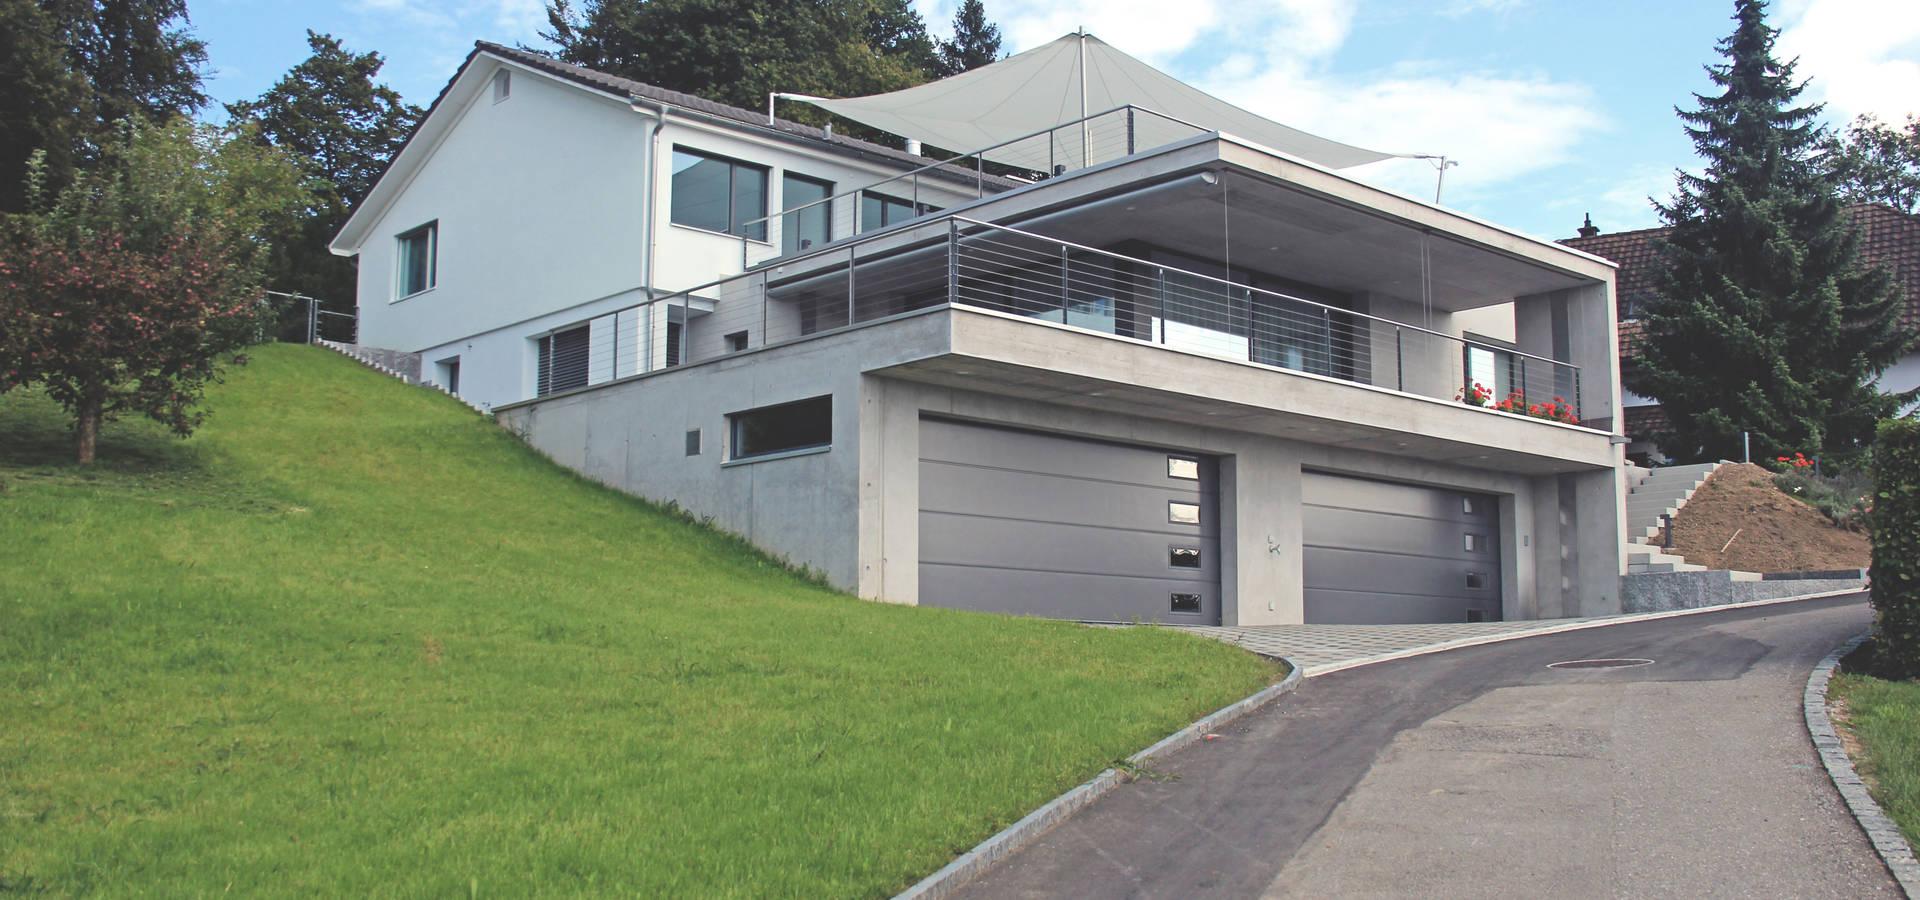 anbau einer einliegerwohnung von schweizer architekten htl. Black Bedroom Furniture Sets. Home Design Ideas